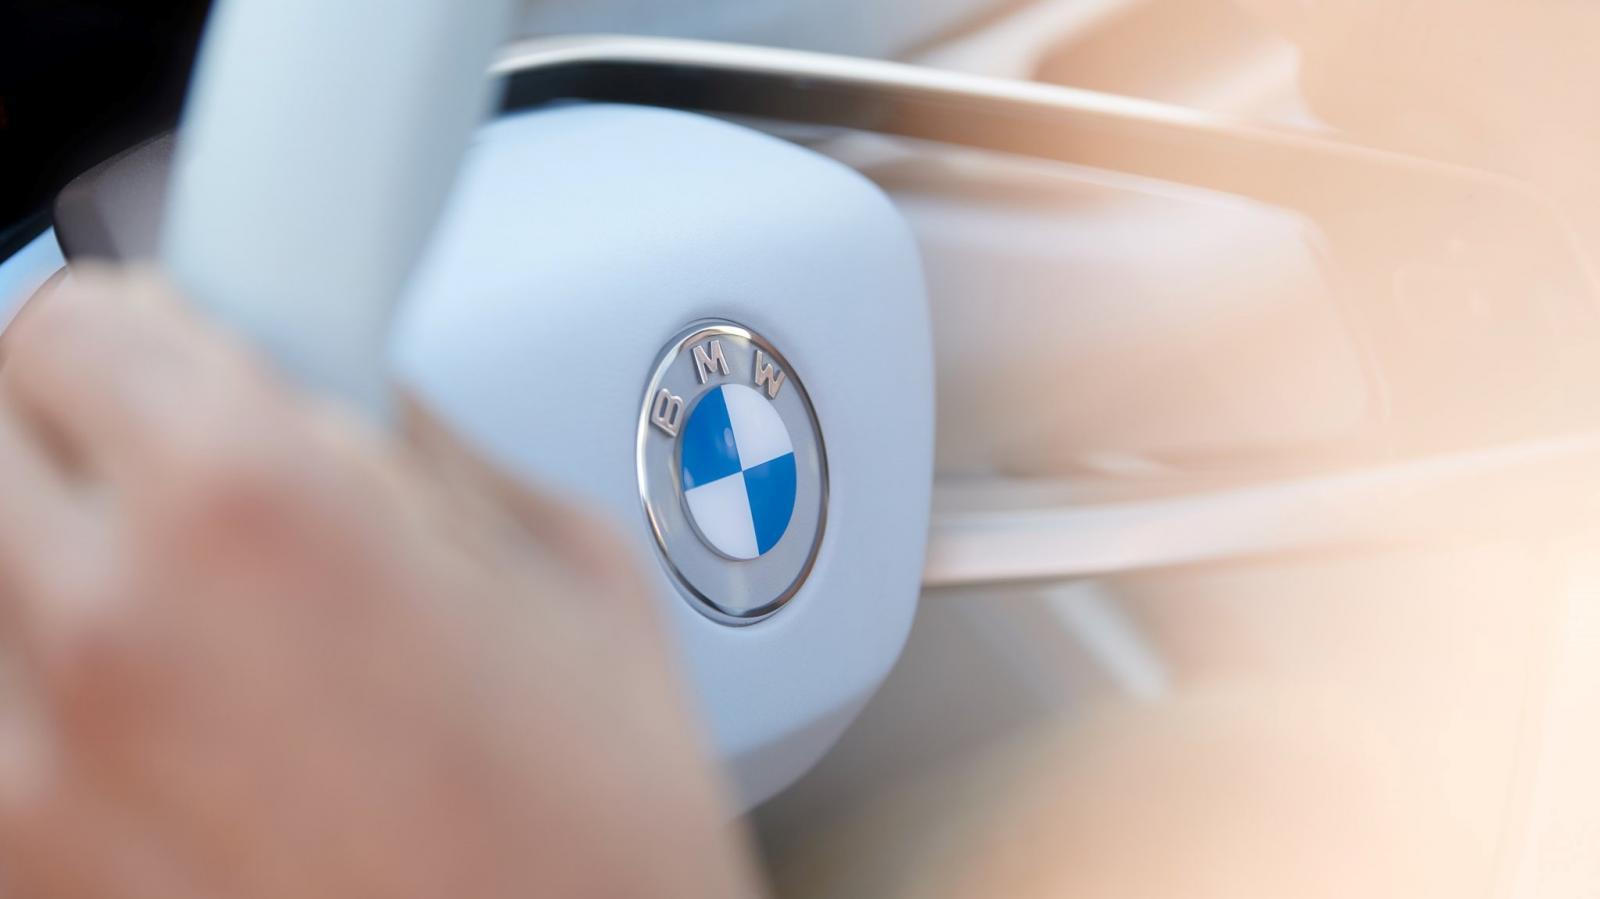 El BMW Concept i4 fue el primer auto en portar el nuevo logotipo